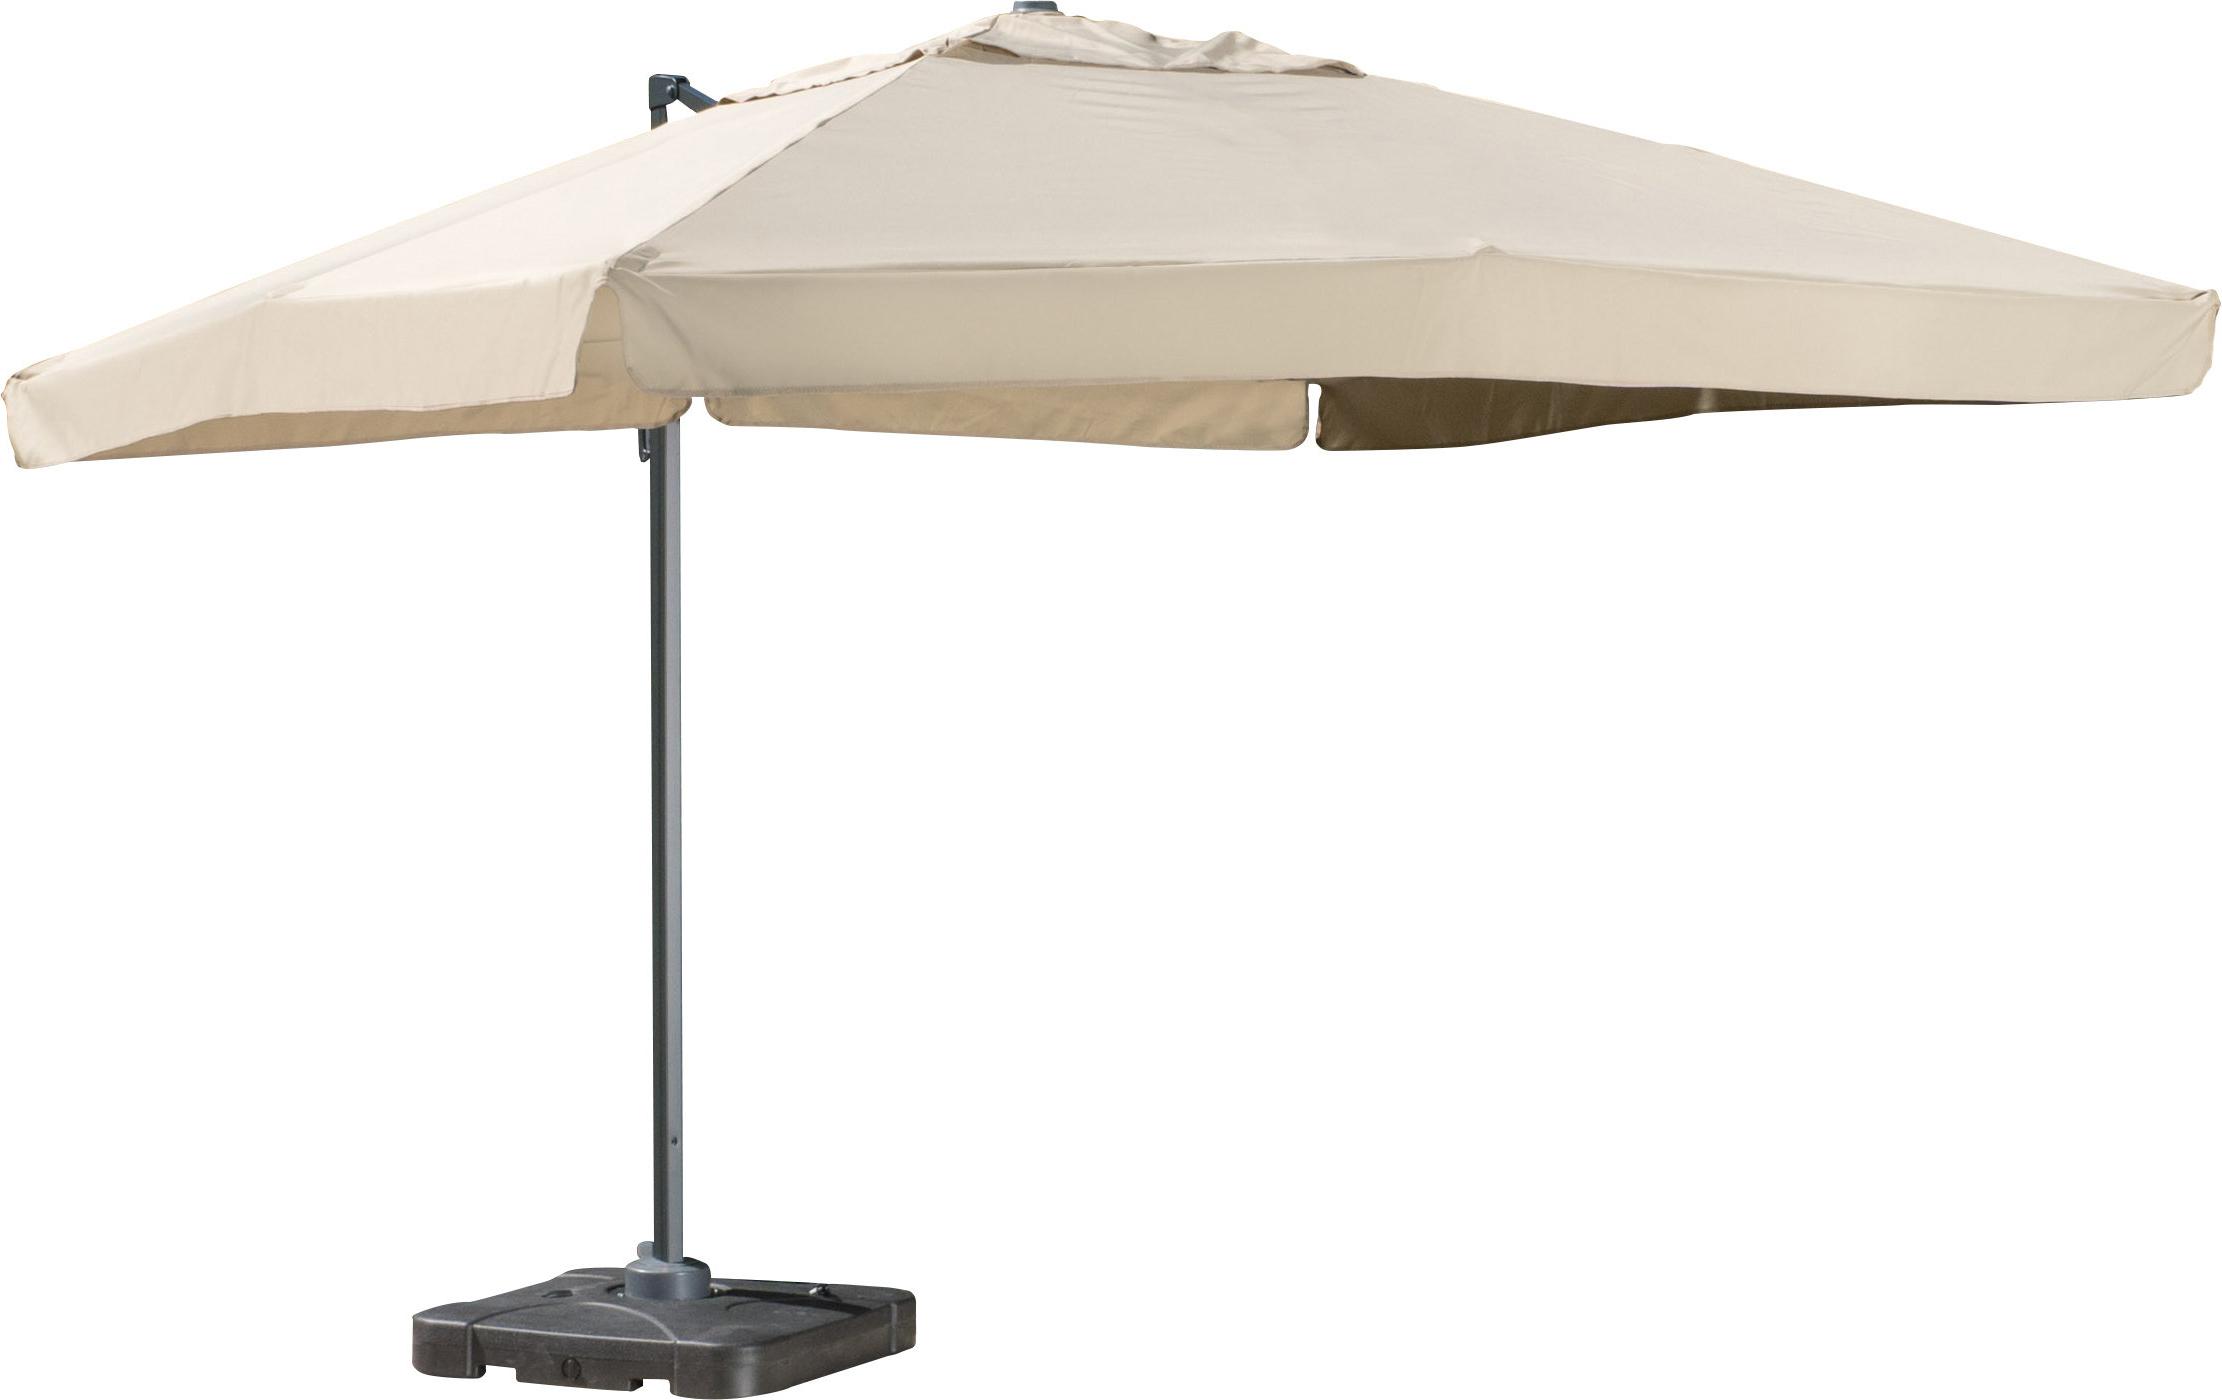 Recent Ceylon Cantilever Sunbrella Umbrellas Regarding Bondi 9.8' Square Cantilever Umbrella (Gallery 18 of 20)